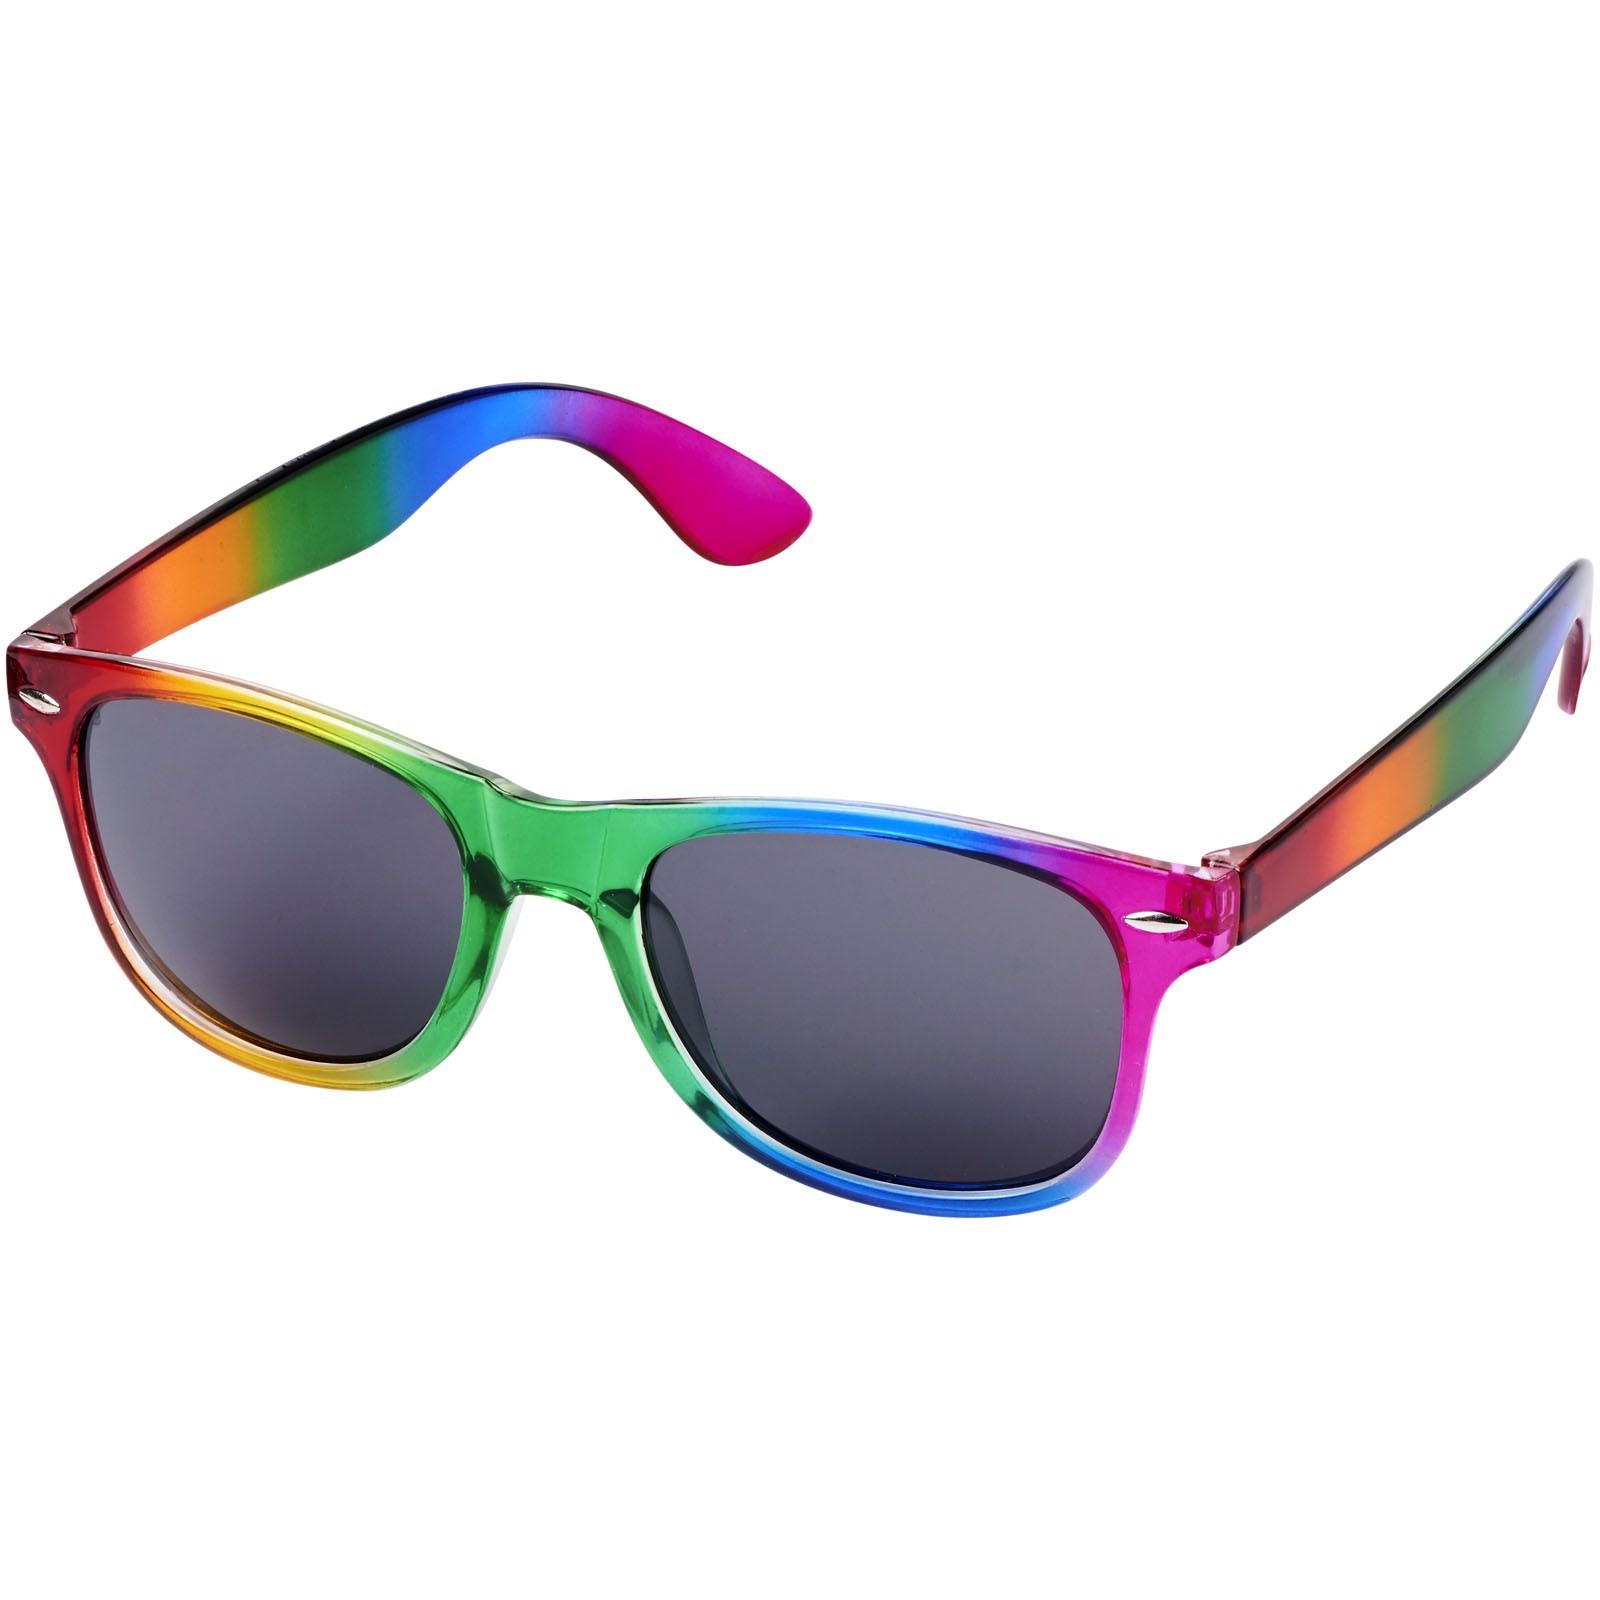 Sun Ray duhové sluneční brýle